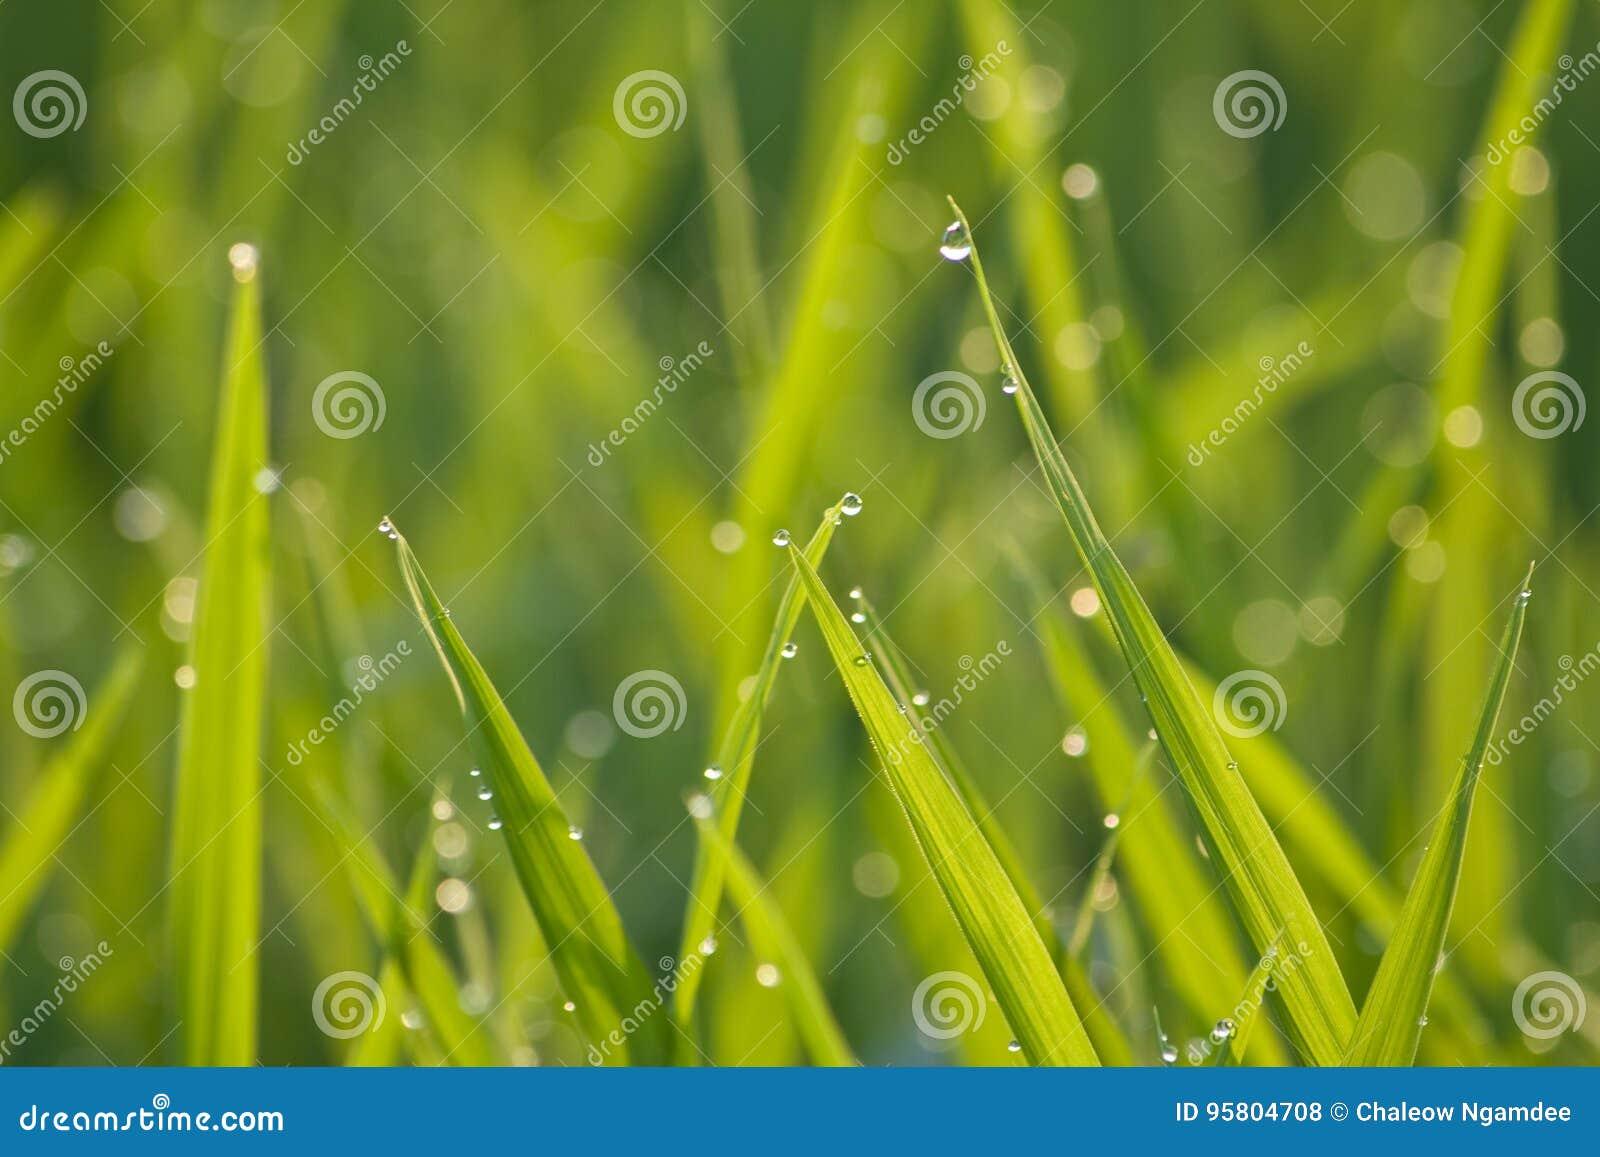 Verde de grama na manhã